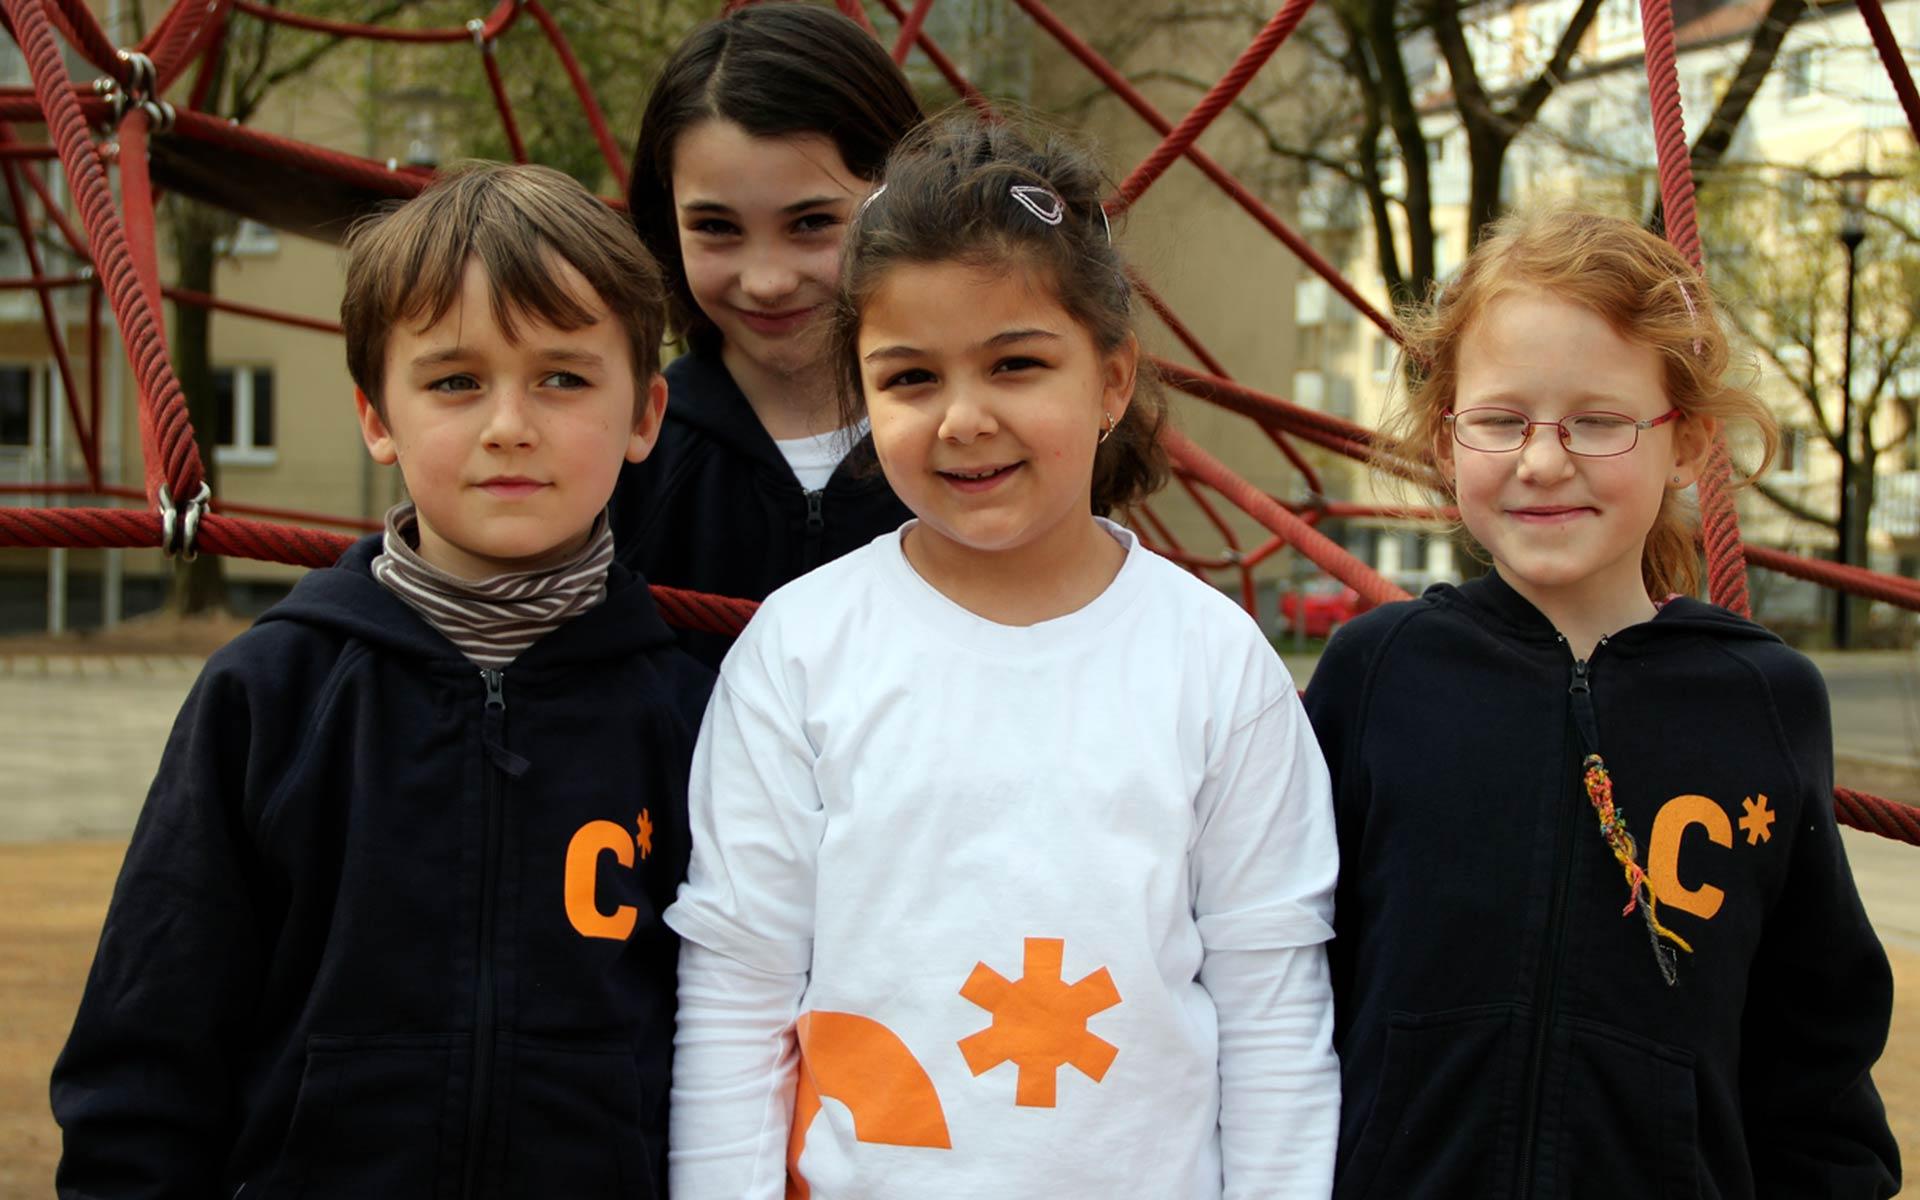 Carl Sonnenschein Schule Corporate Design, Corporate Fashion, T-Shirts und Jacken